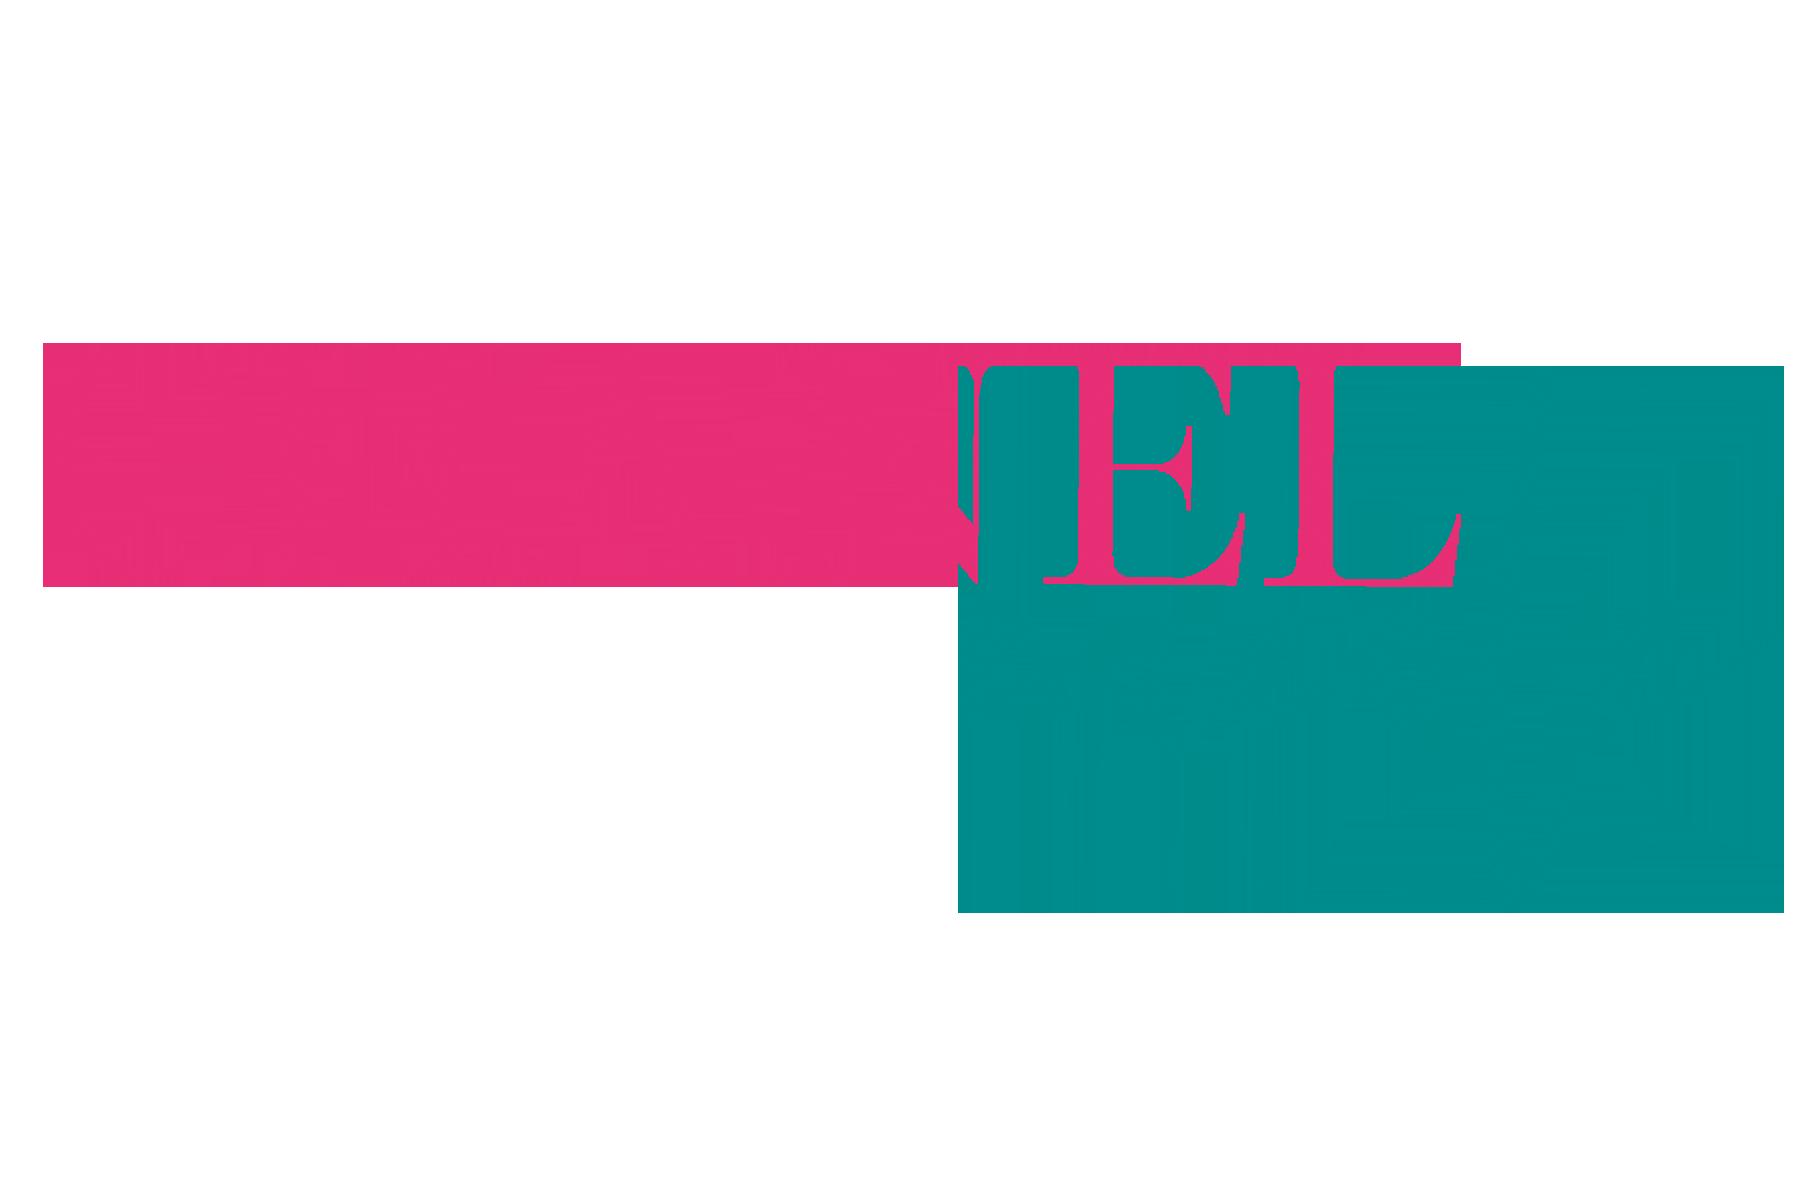 chanel nicole logo.png